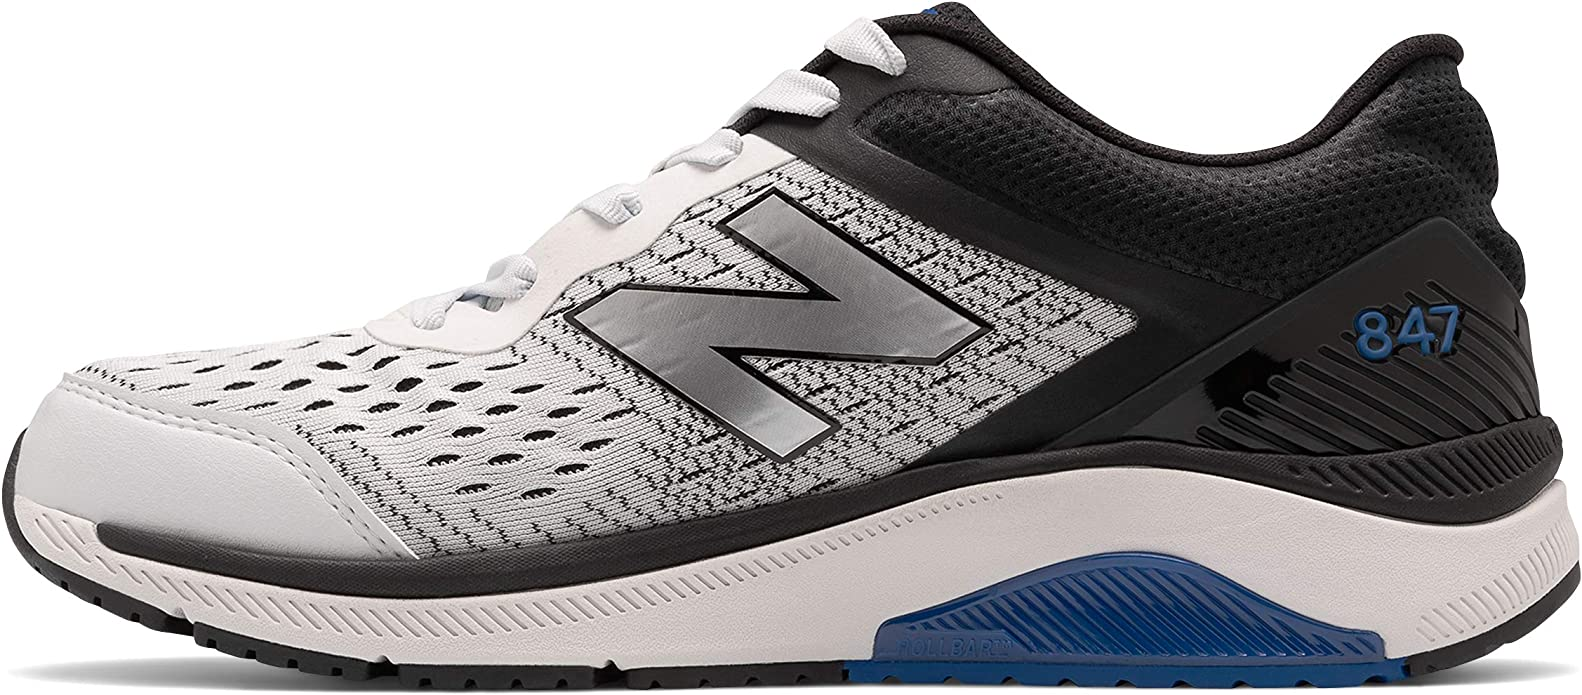 New Balance Chaussures de marche 847 V4 pour homme